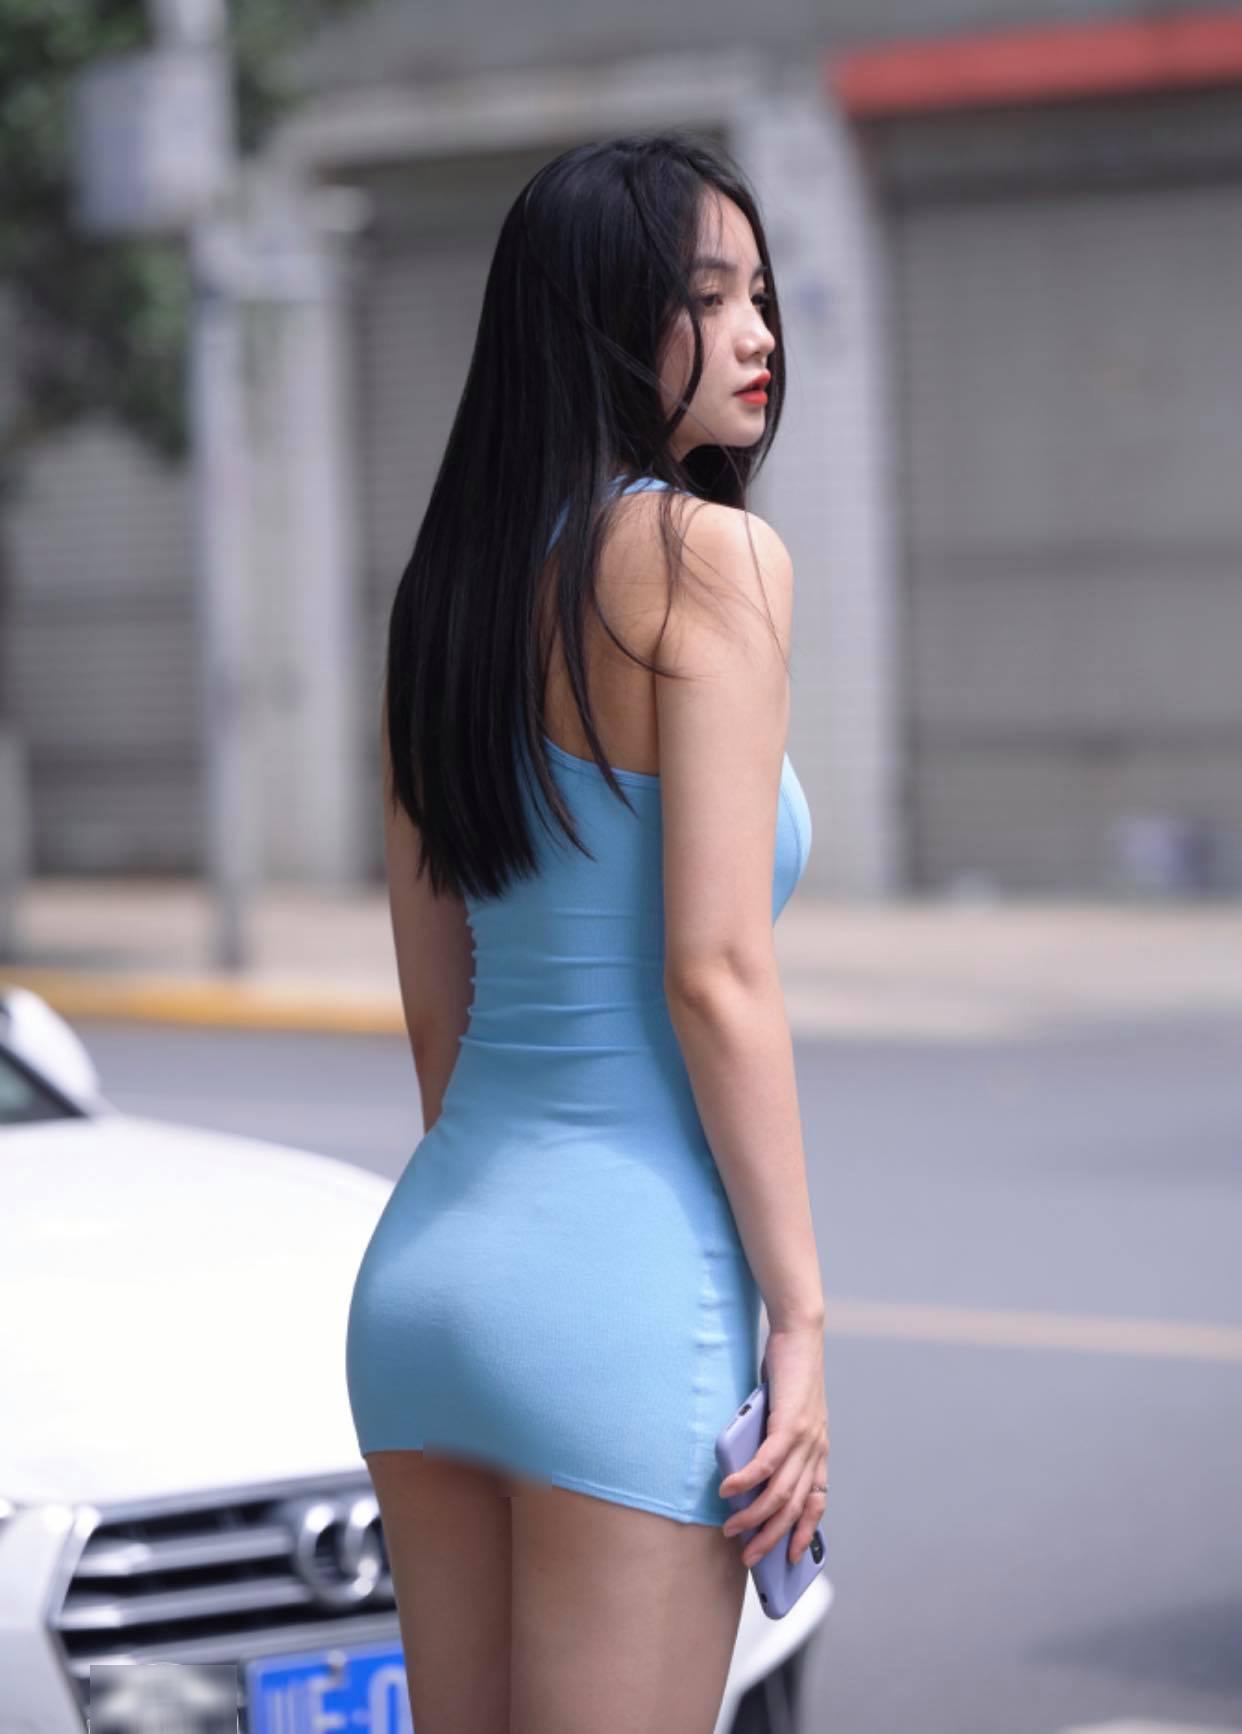 """Mỹ nhân mặt xinh, dáng chuẩn này nổi nhất phố vì """"váy Quỳnh Búp Bê"""" - 1"""